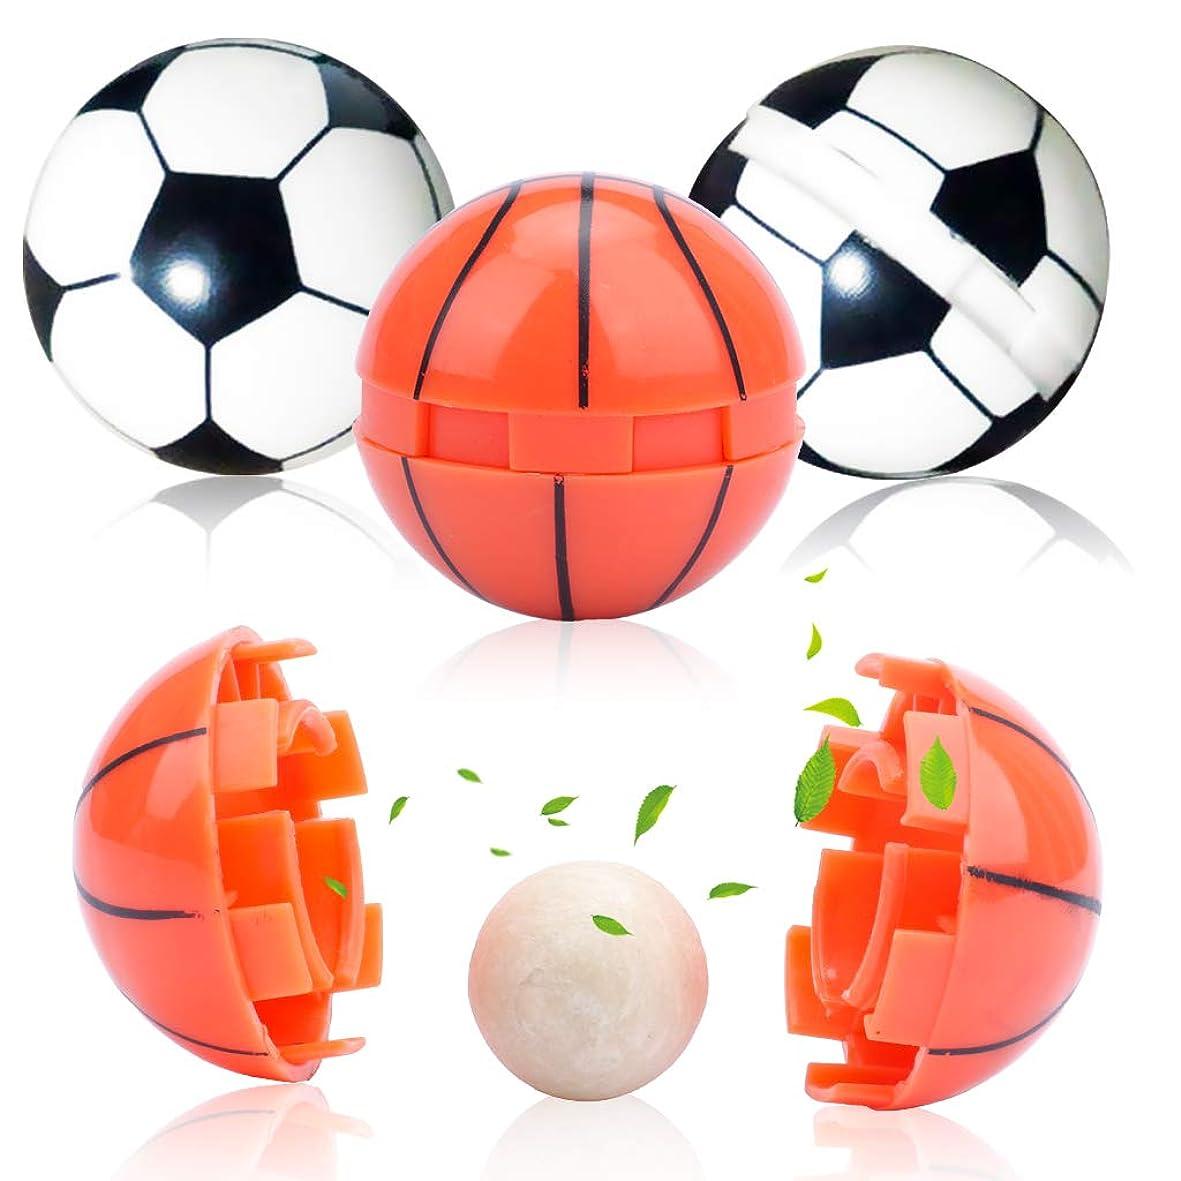 ジャケット切手なのでAmycute アロマ アロマボール 香り玉 4点セット (18mm)750g 丸型 サッカー&バスケットボールデザイン 香りが長続き